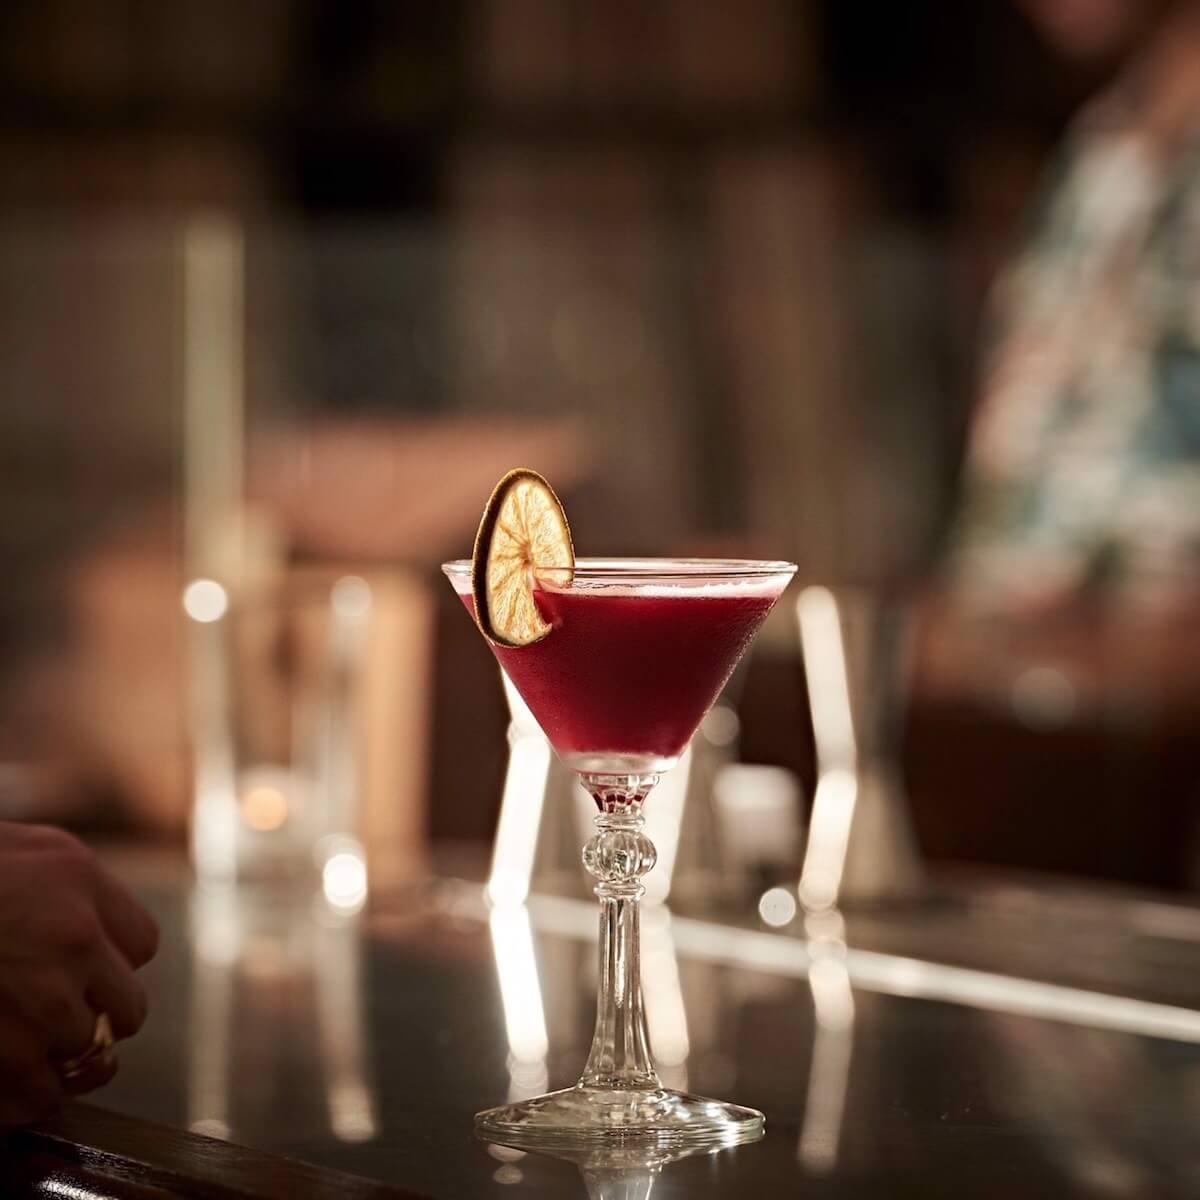 青山・INC COCKTAILSで夏を彩るサマーカクテルパーティーが開催|MURO、Mr. DISCO KIDが登場 gourmet190611_inc_cocktails_1